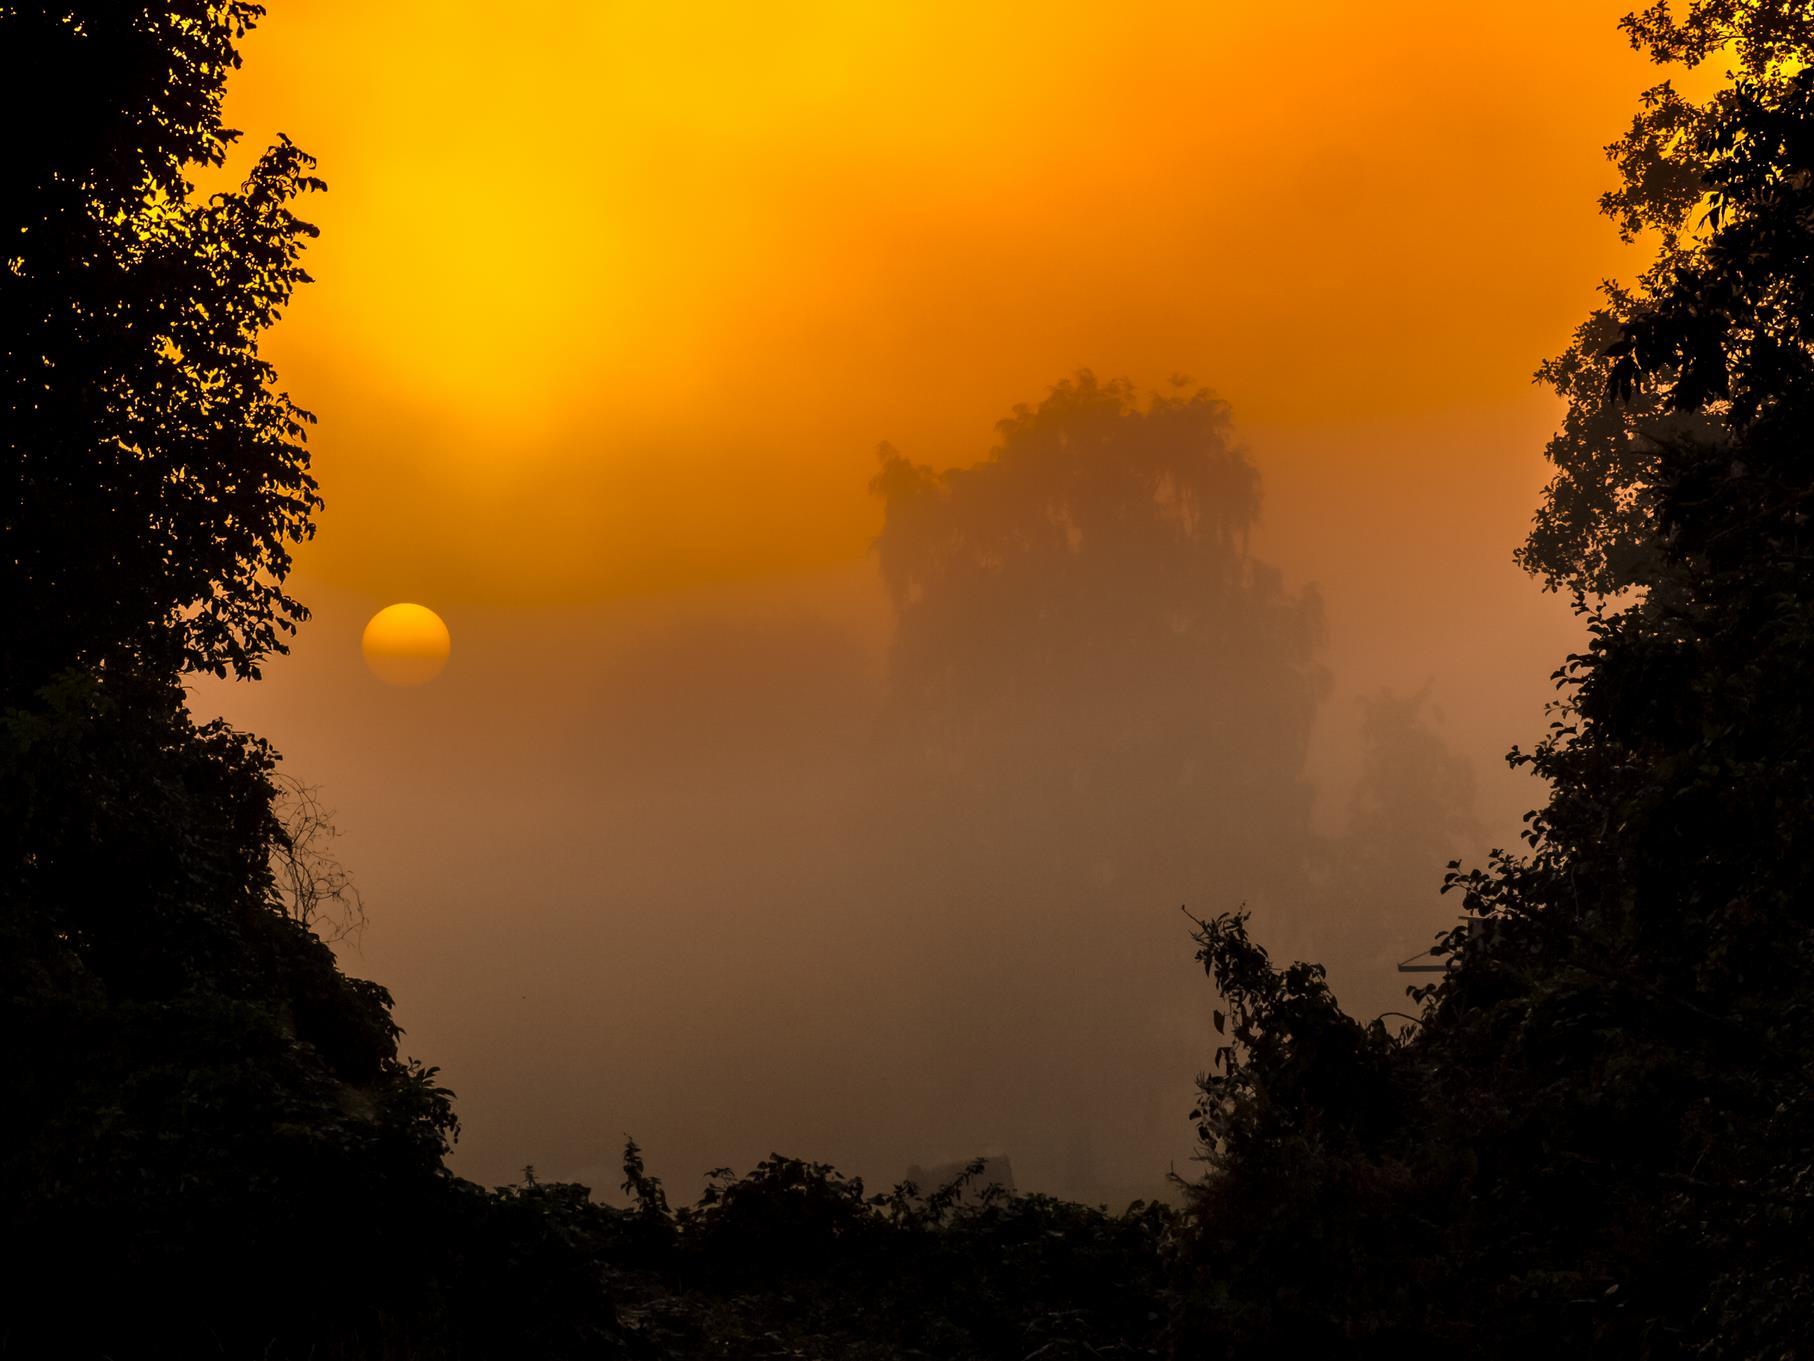 Ein nebeliger Sonnenaufgang.